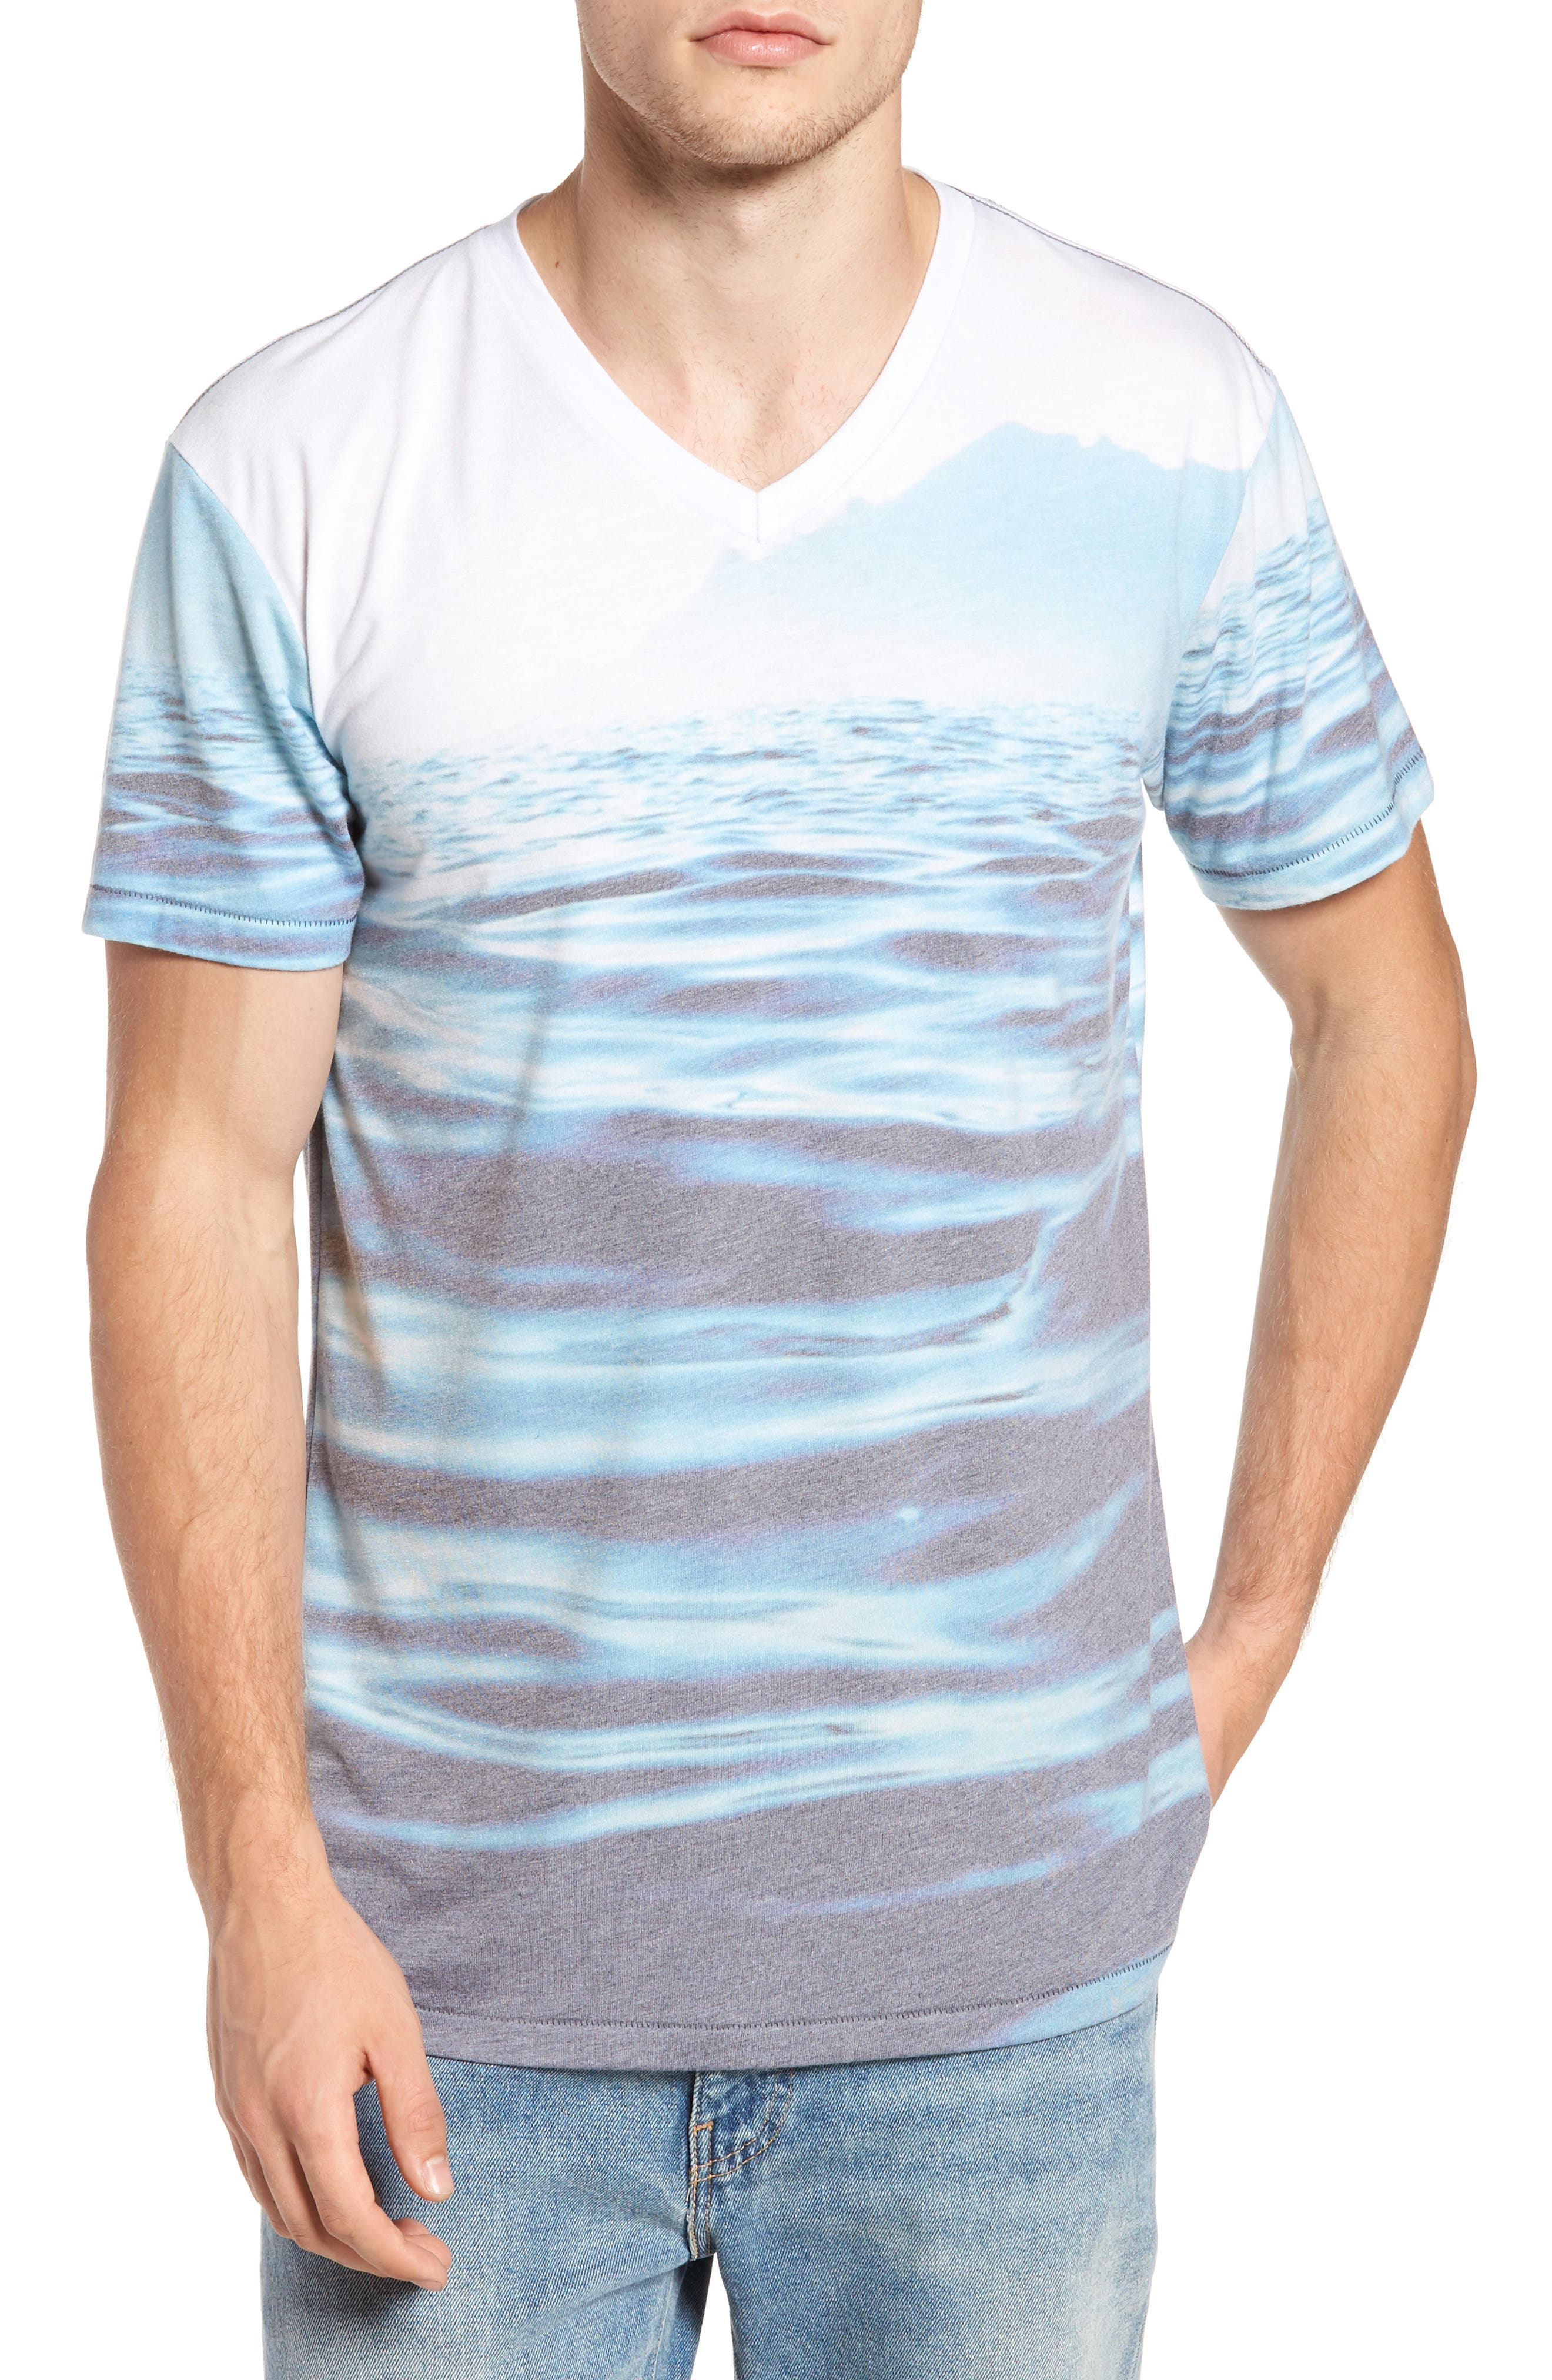 Mirage Waters T-Shirt,                             Main thumbnail 1, color,                             460